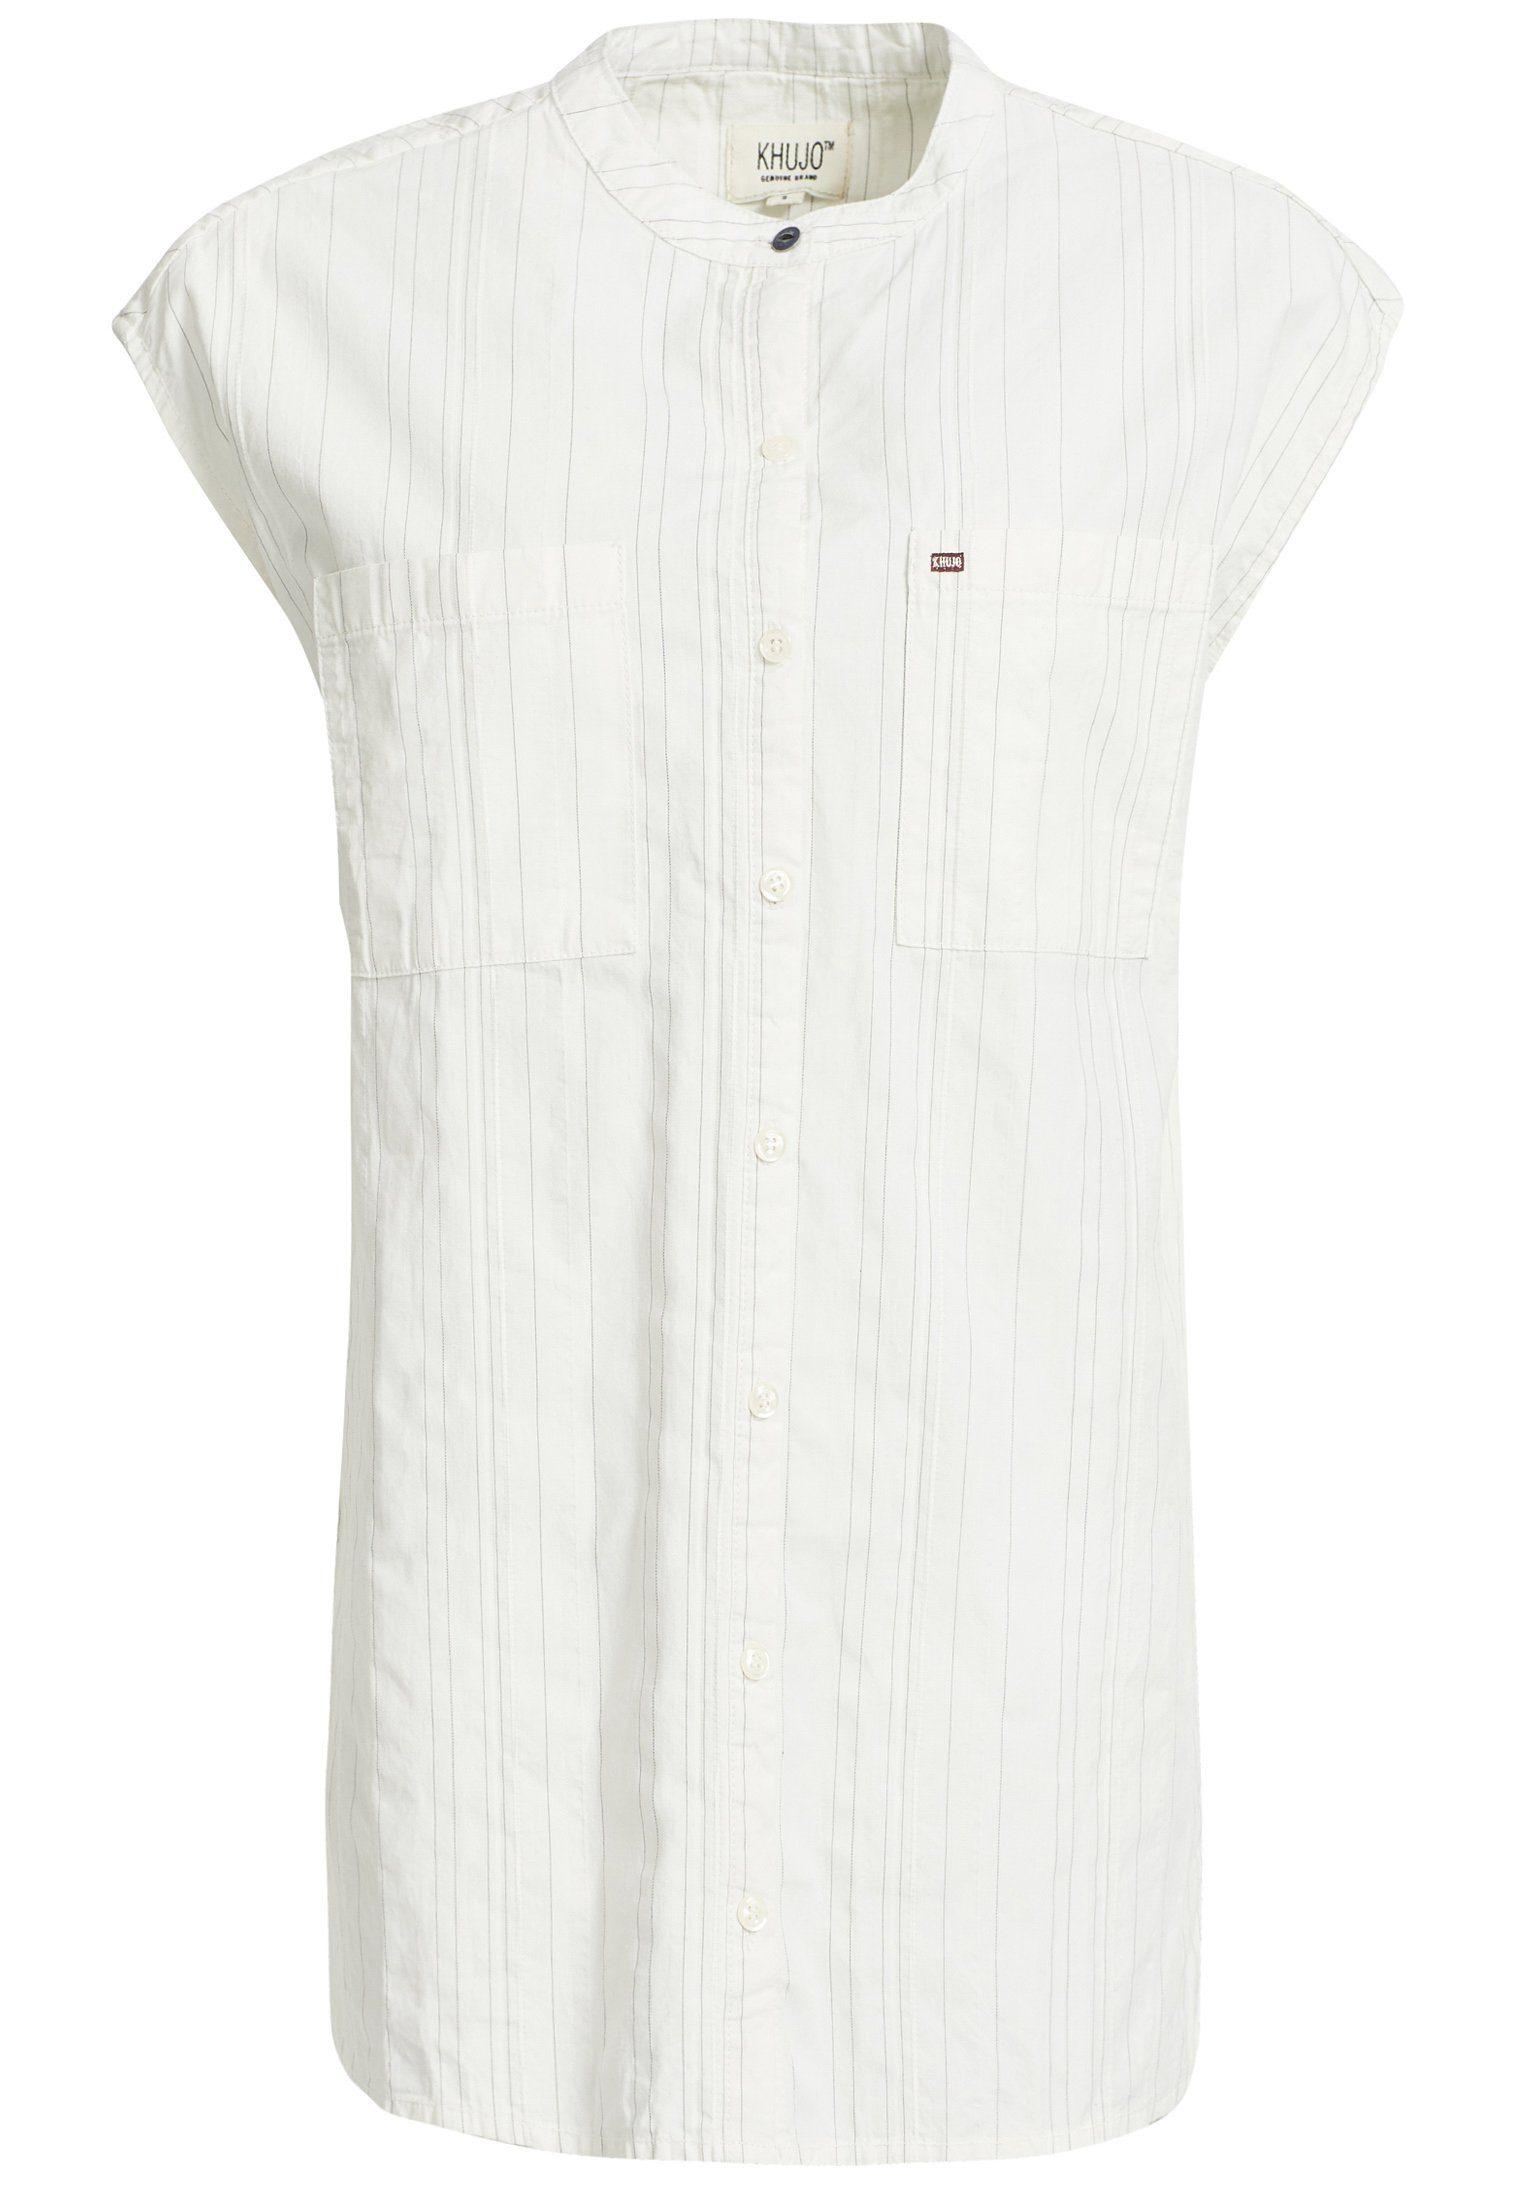 FRAUIT Herren Sweatjacke M/änner Cardigan Ohne Kapuze mit Rei/ßverschluss Pathwork Farbe Sweatshirt Top Tee Outwear Bluse Stehkragen und Fleece-Innenseite